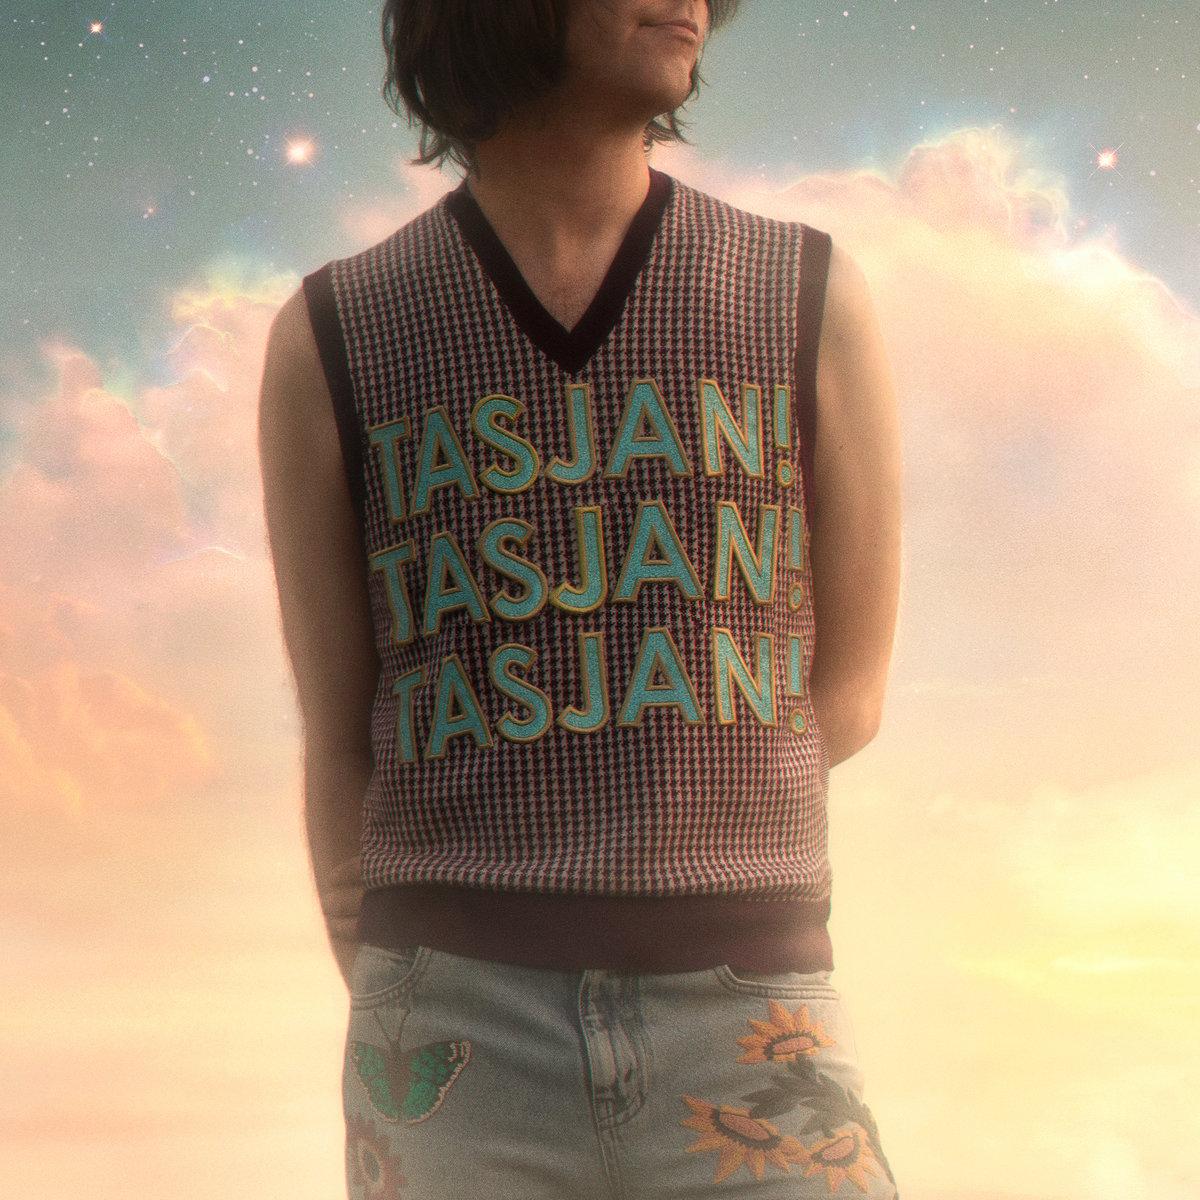 Tasjan Tasjan Tasjan album cover